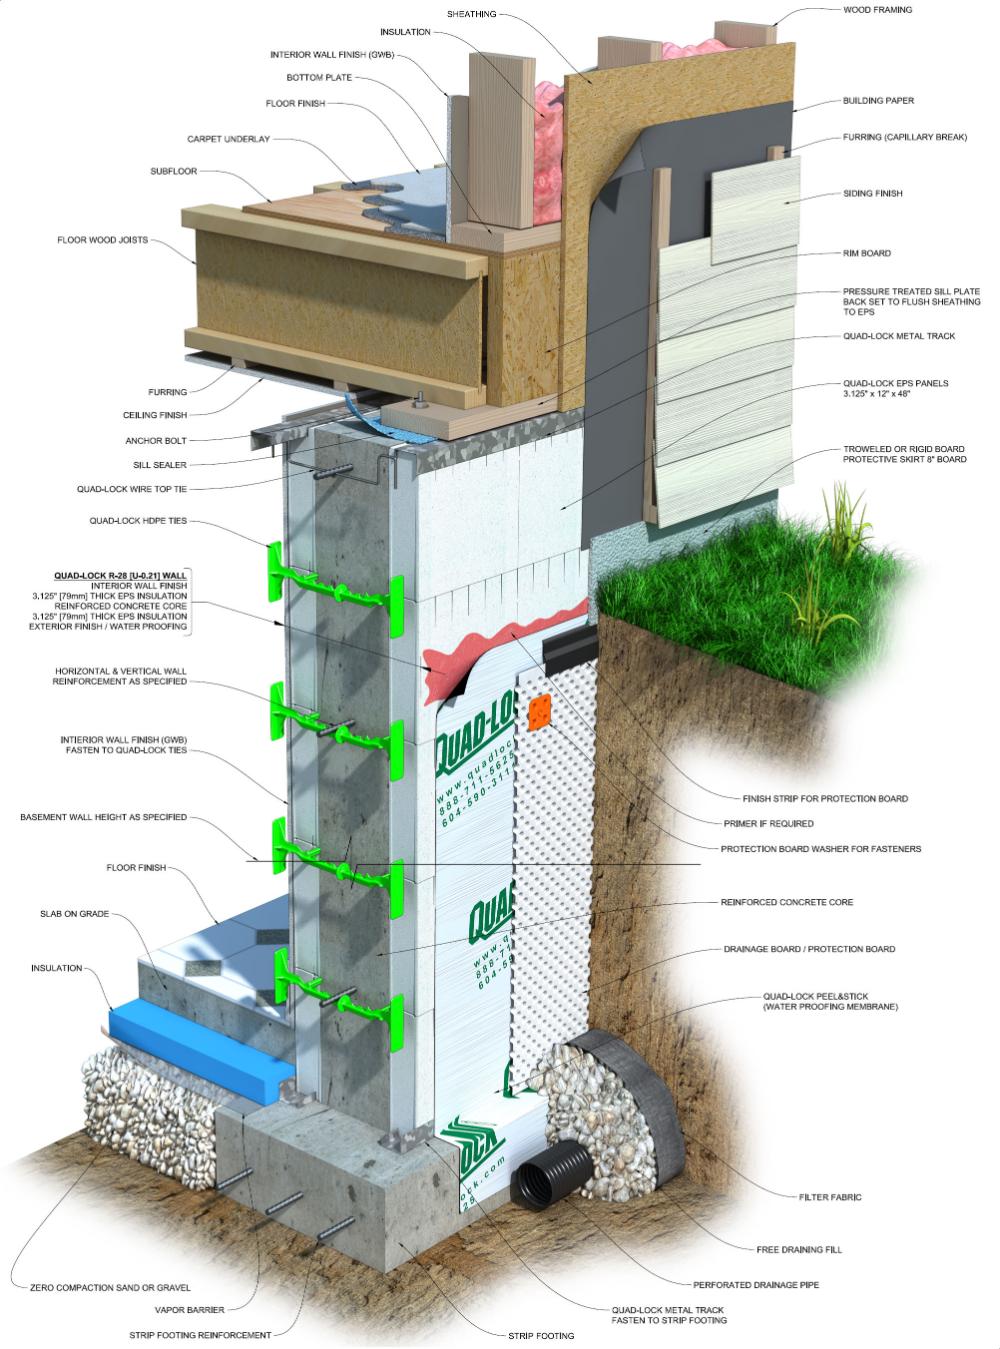 Double Basement Construction Details In 2020 Insulated Concrete Forms Concrete Forms Basement Construction